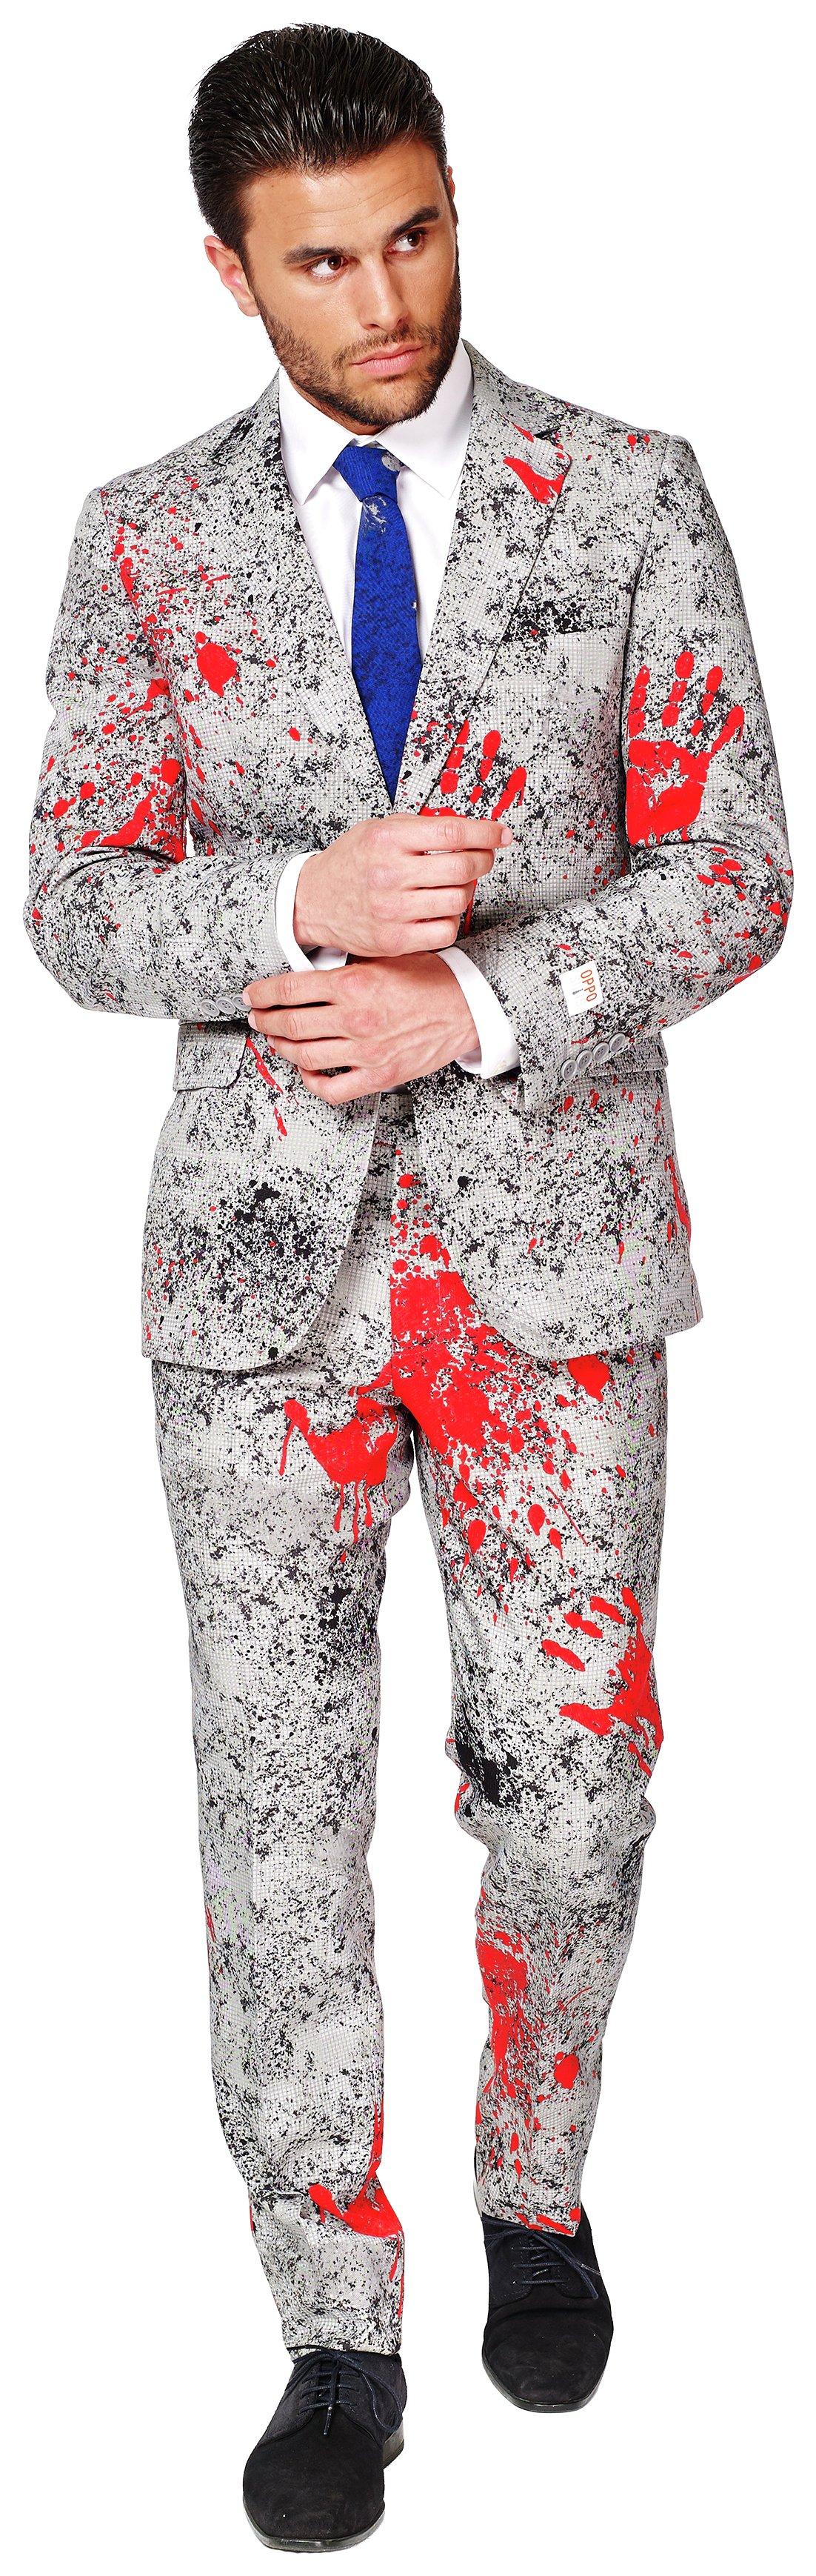 opposuit-zombiac-suit-chest-40